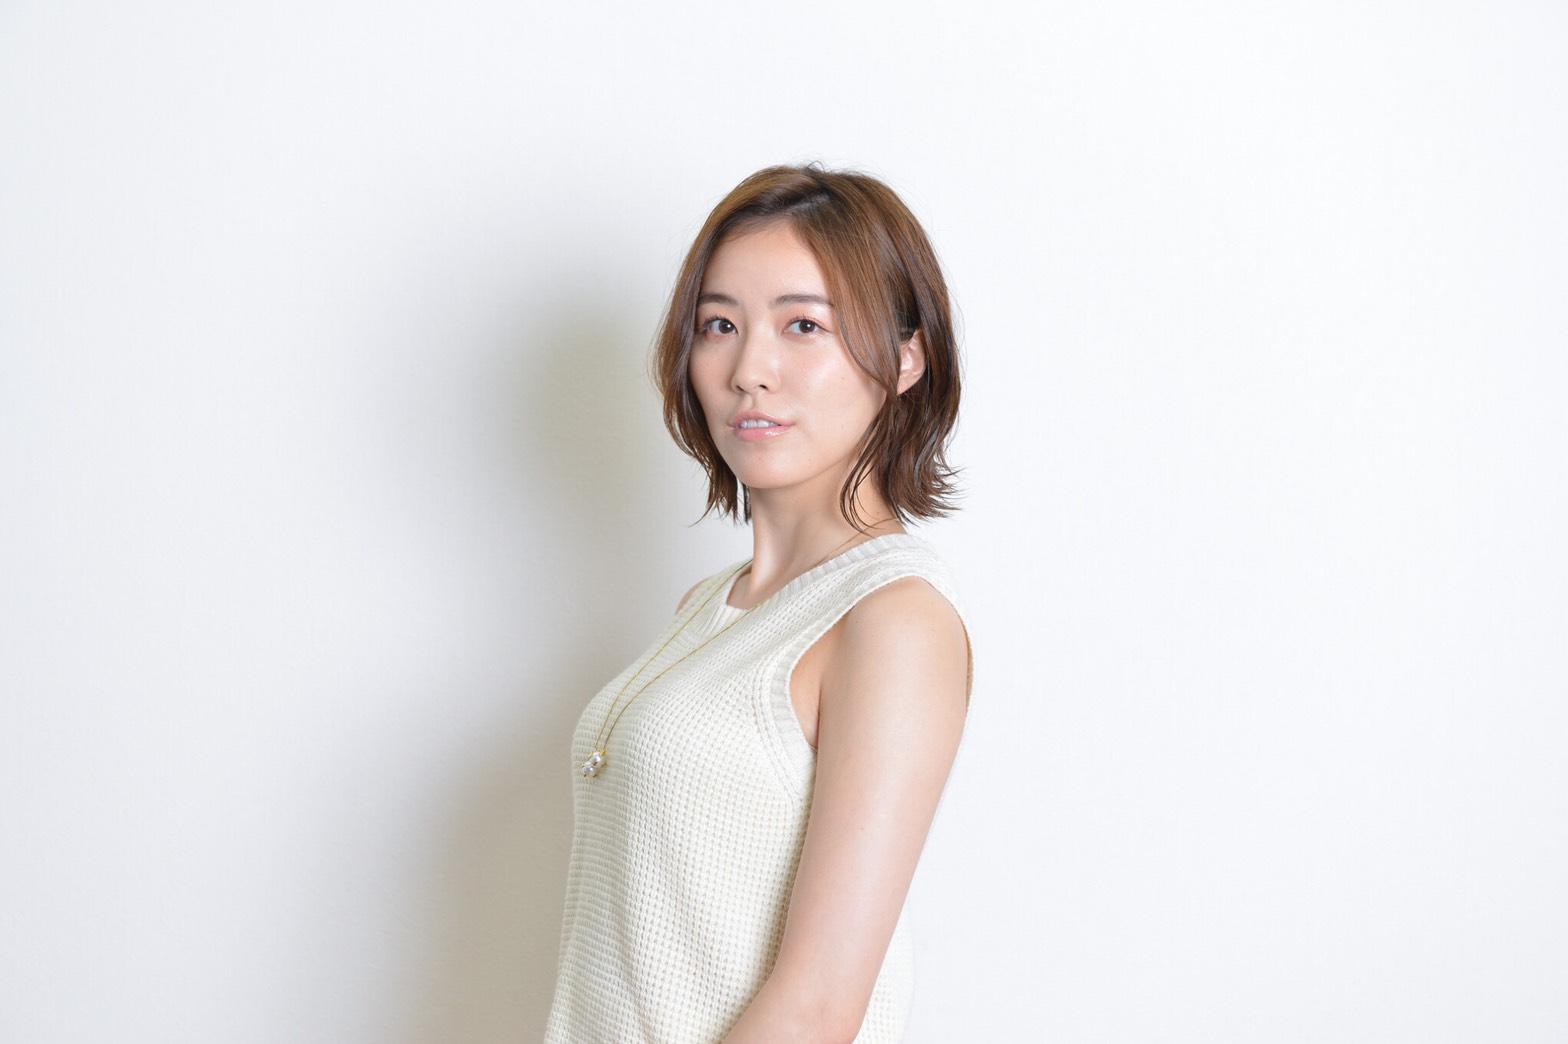 「人生は一度きりだから」松井珠理奈が2度の休養を経たからこそ得たもの画像111232